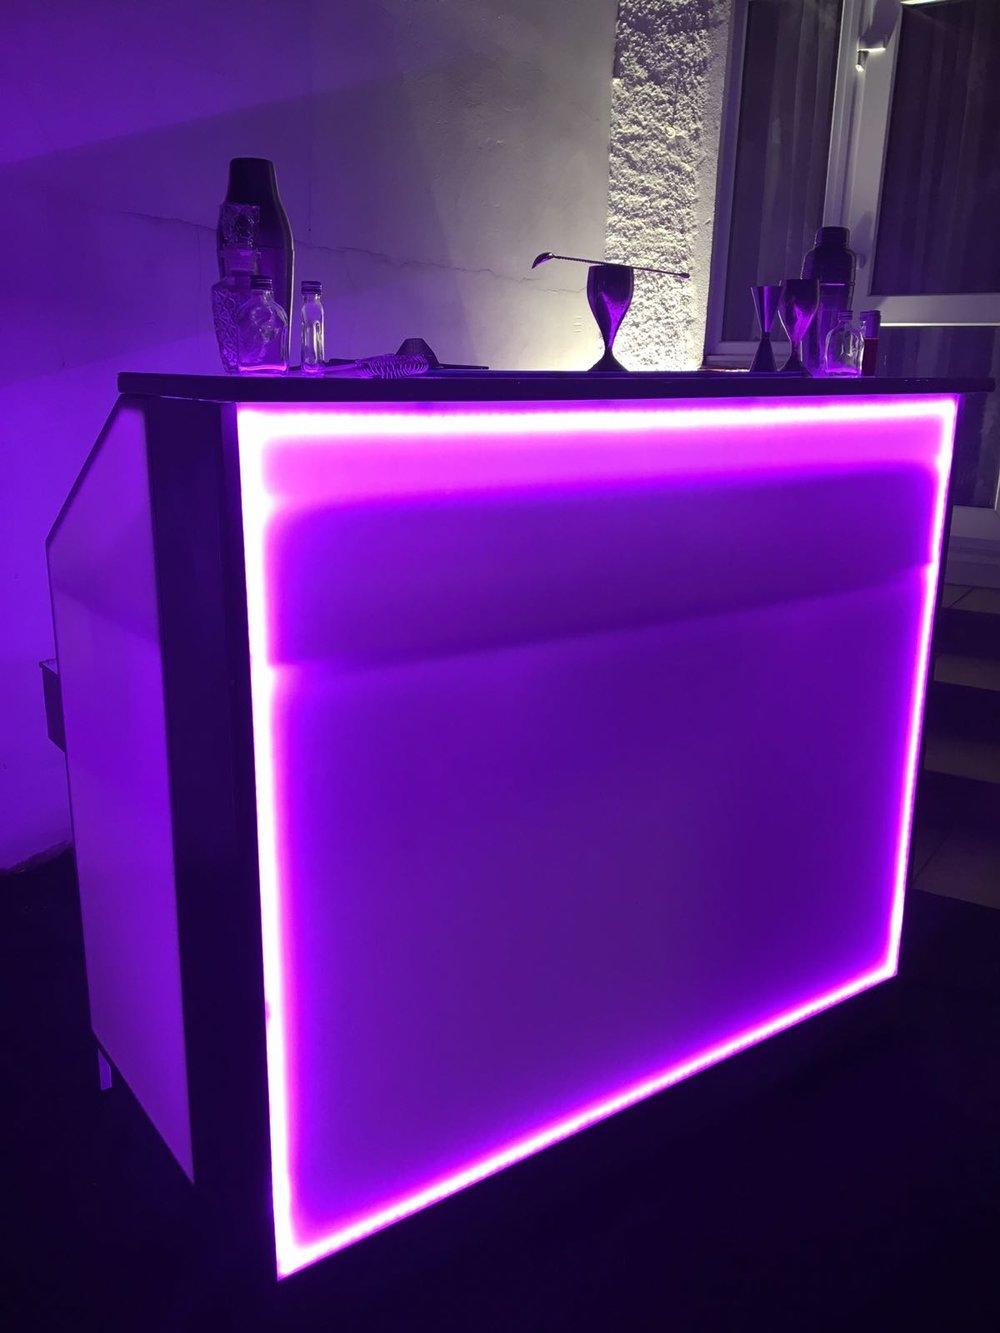 LED BAR INDIVIDUAL UNIT.jpg